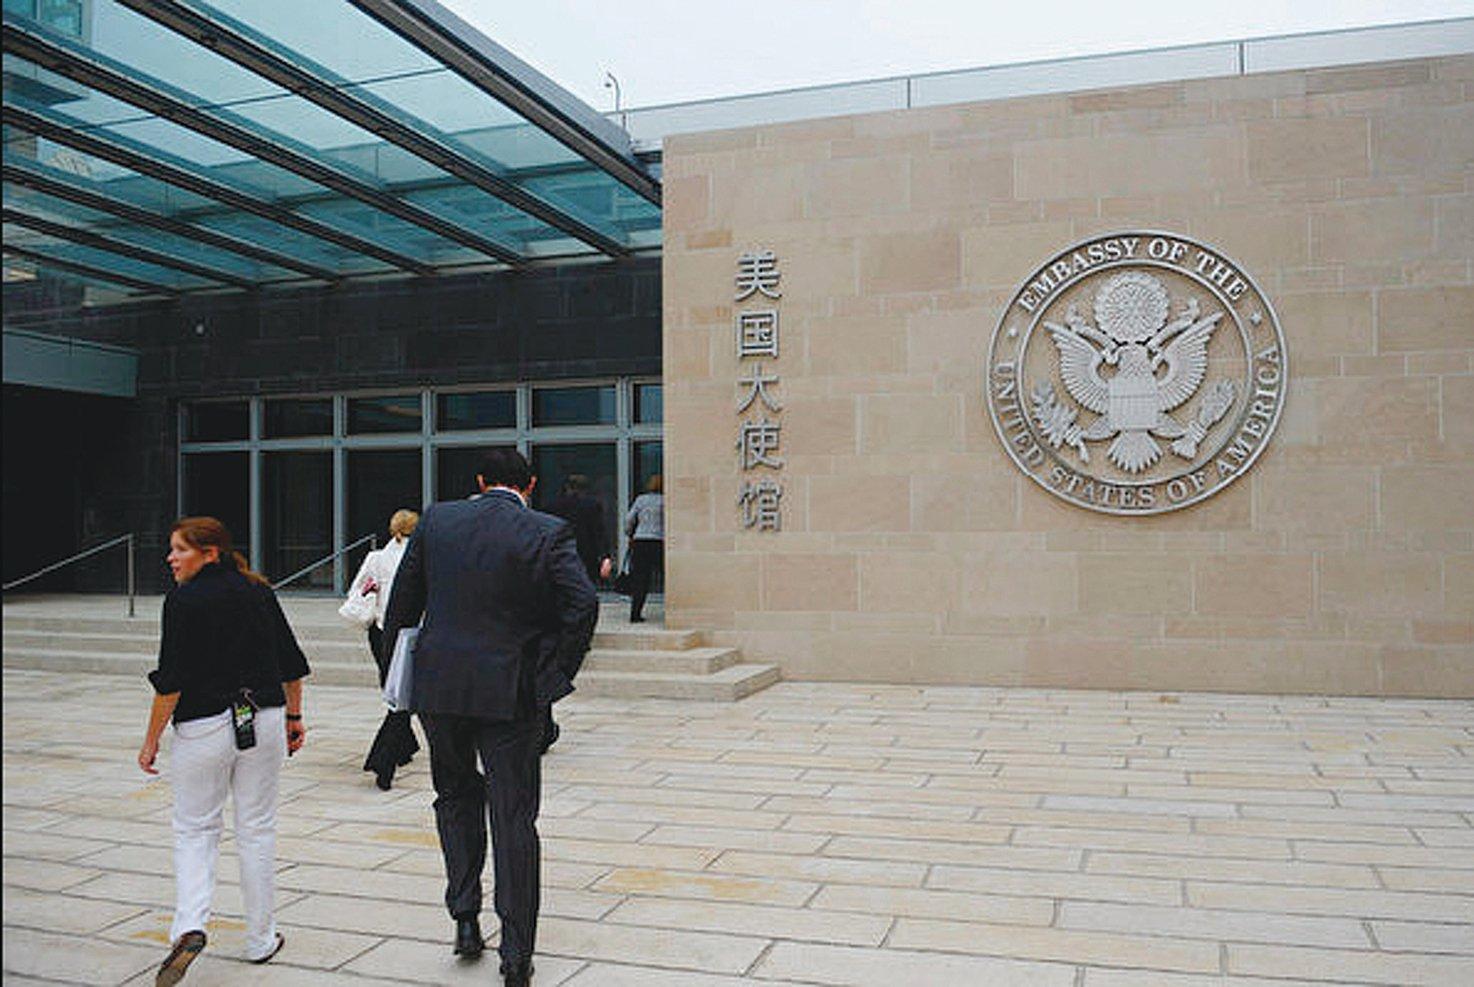 在中美貿易戰不斷升級之際,中共官方發佈赴美留學預警,引發熱議。圖為美國駐北京大使館正門。(Getty Images)